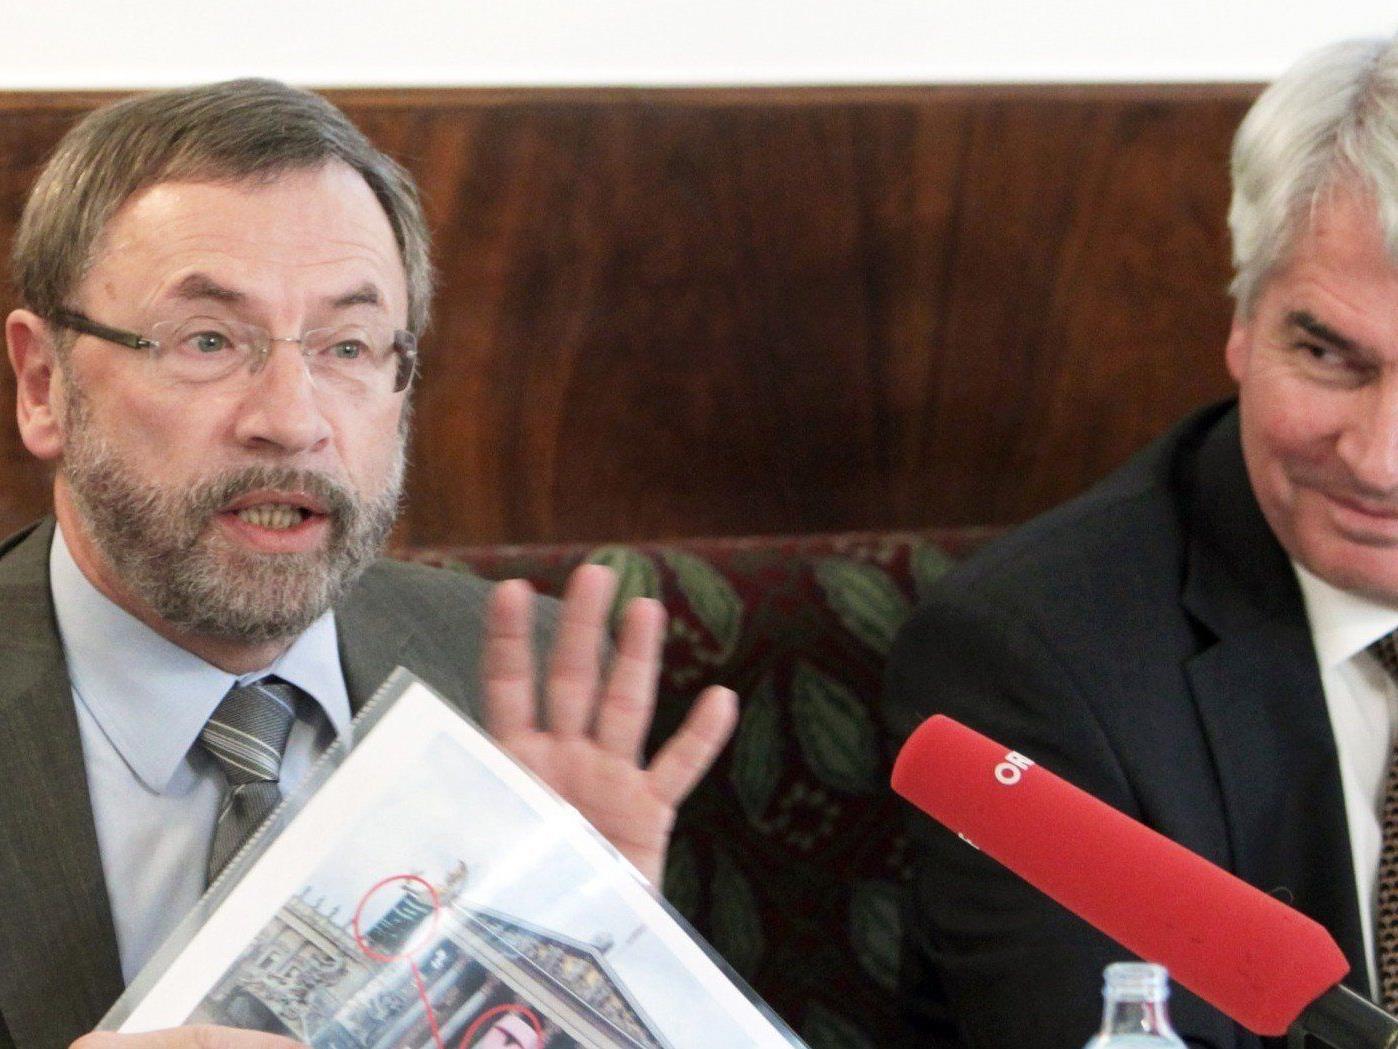 Vizerektor der Med. Uni Franz Wurm (links) und uniko-Präsident Heinrich Schmidinger während der Pressekonferenz.